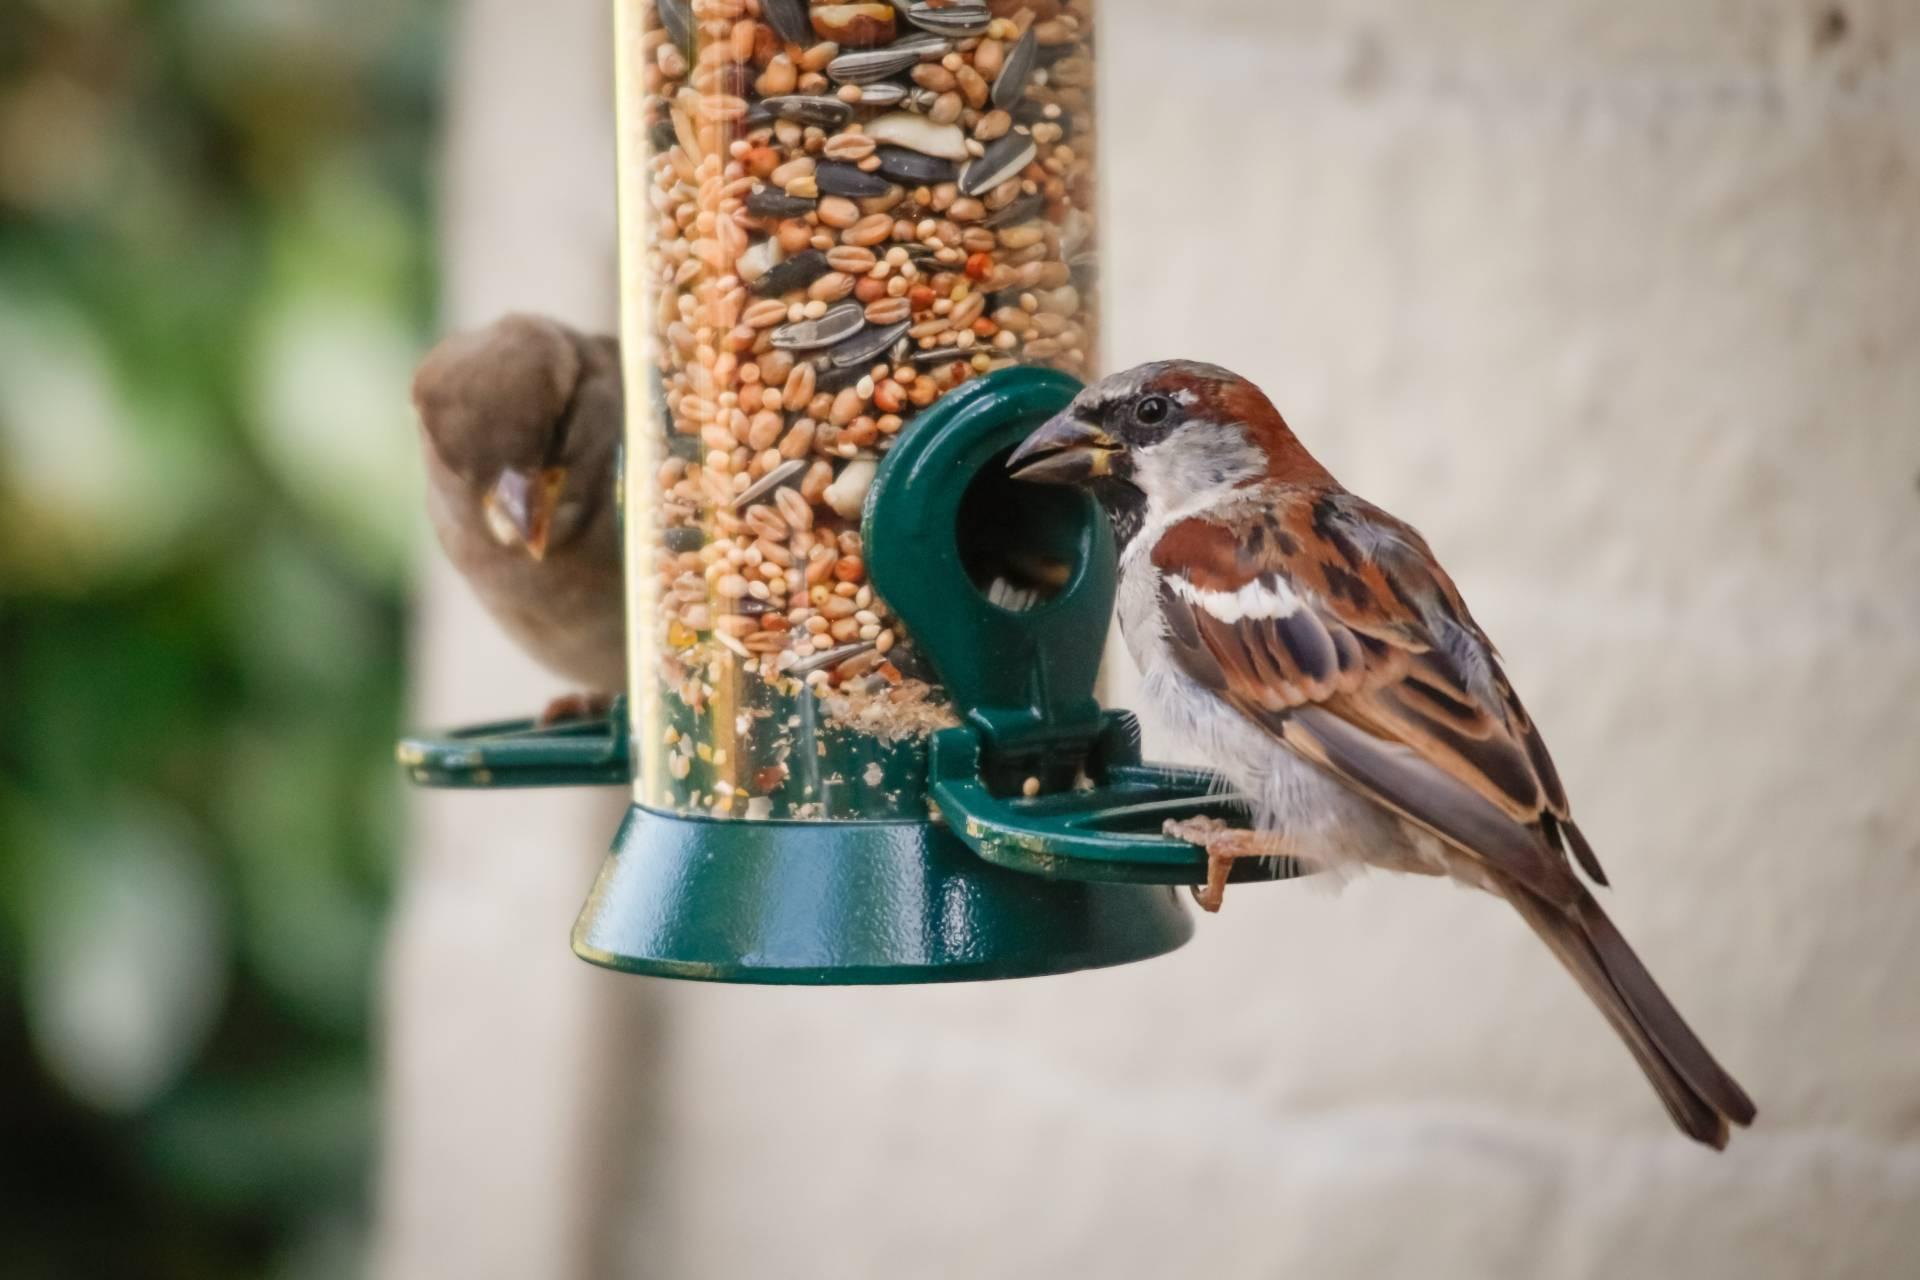 Nowoczesny karmnik dla ptaków. Jak dokarmiać ptaki? Co jedzą wróble?